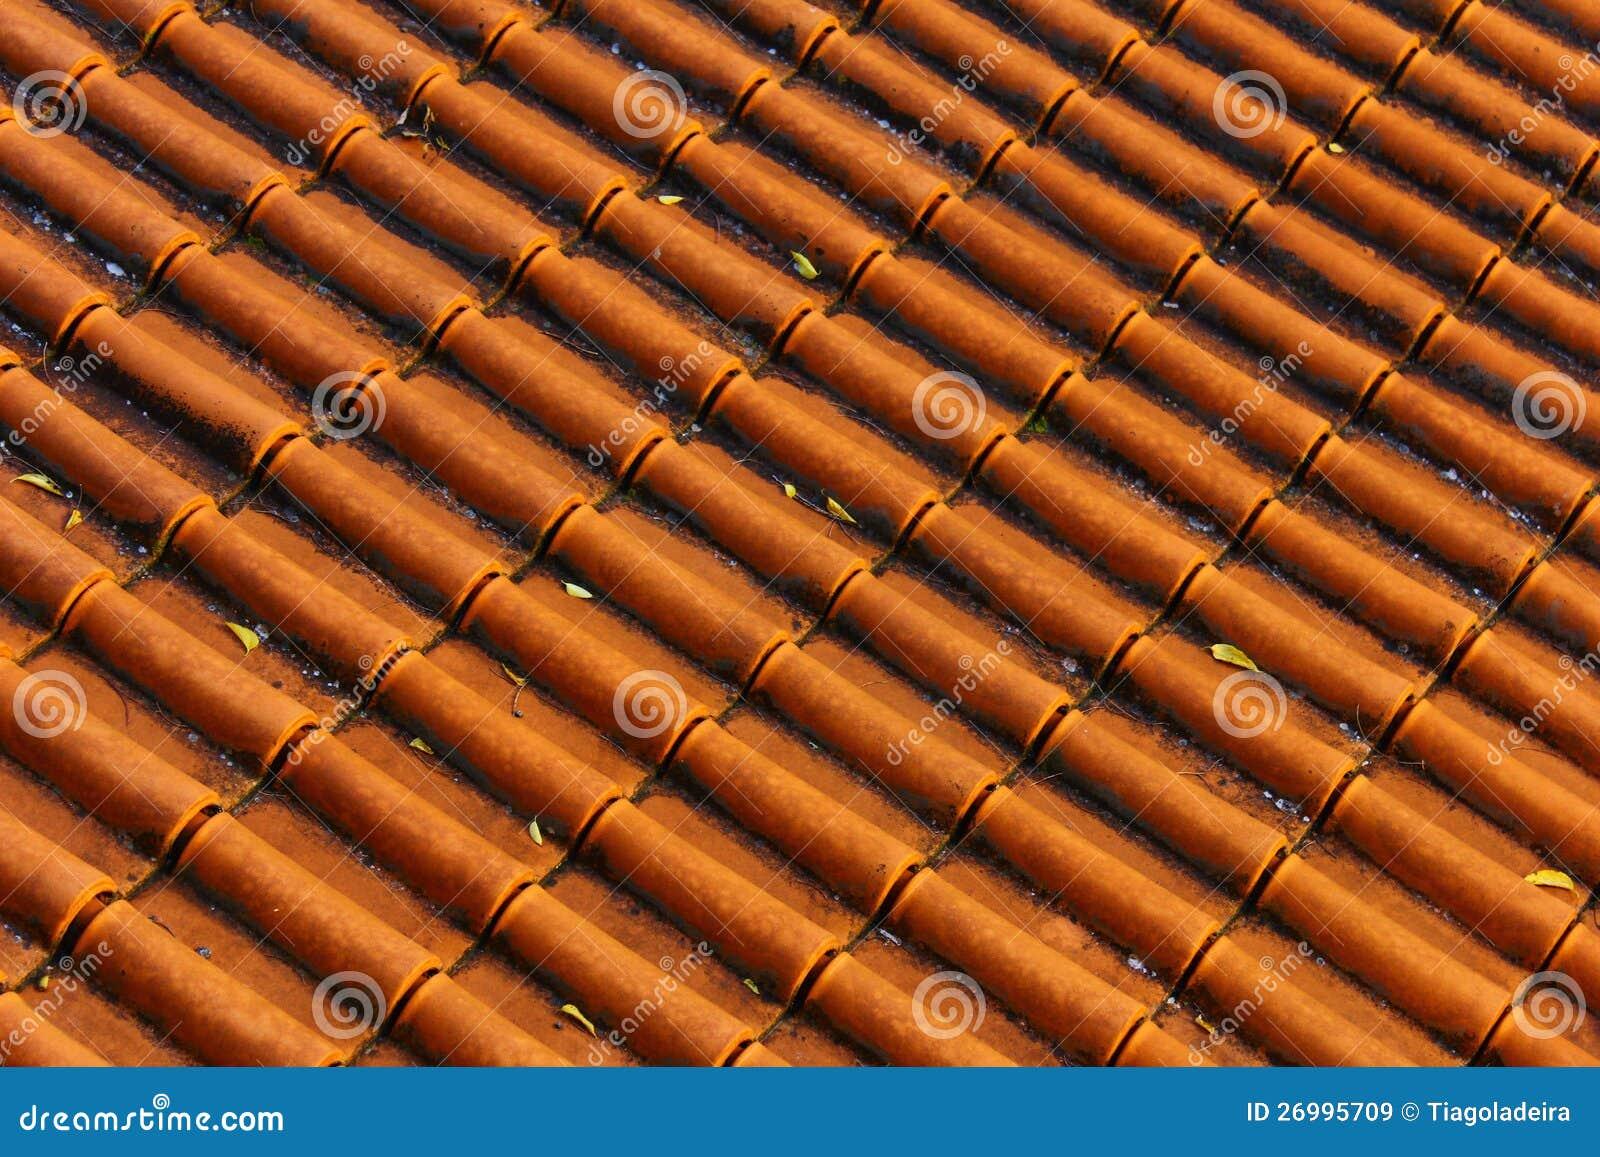 Dachowe Płytki